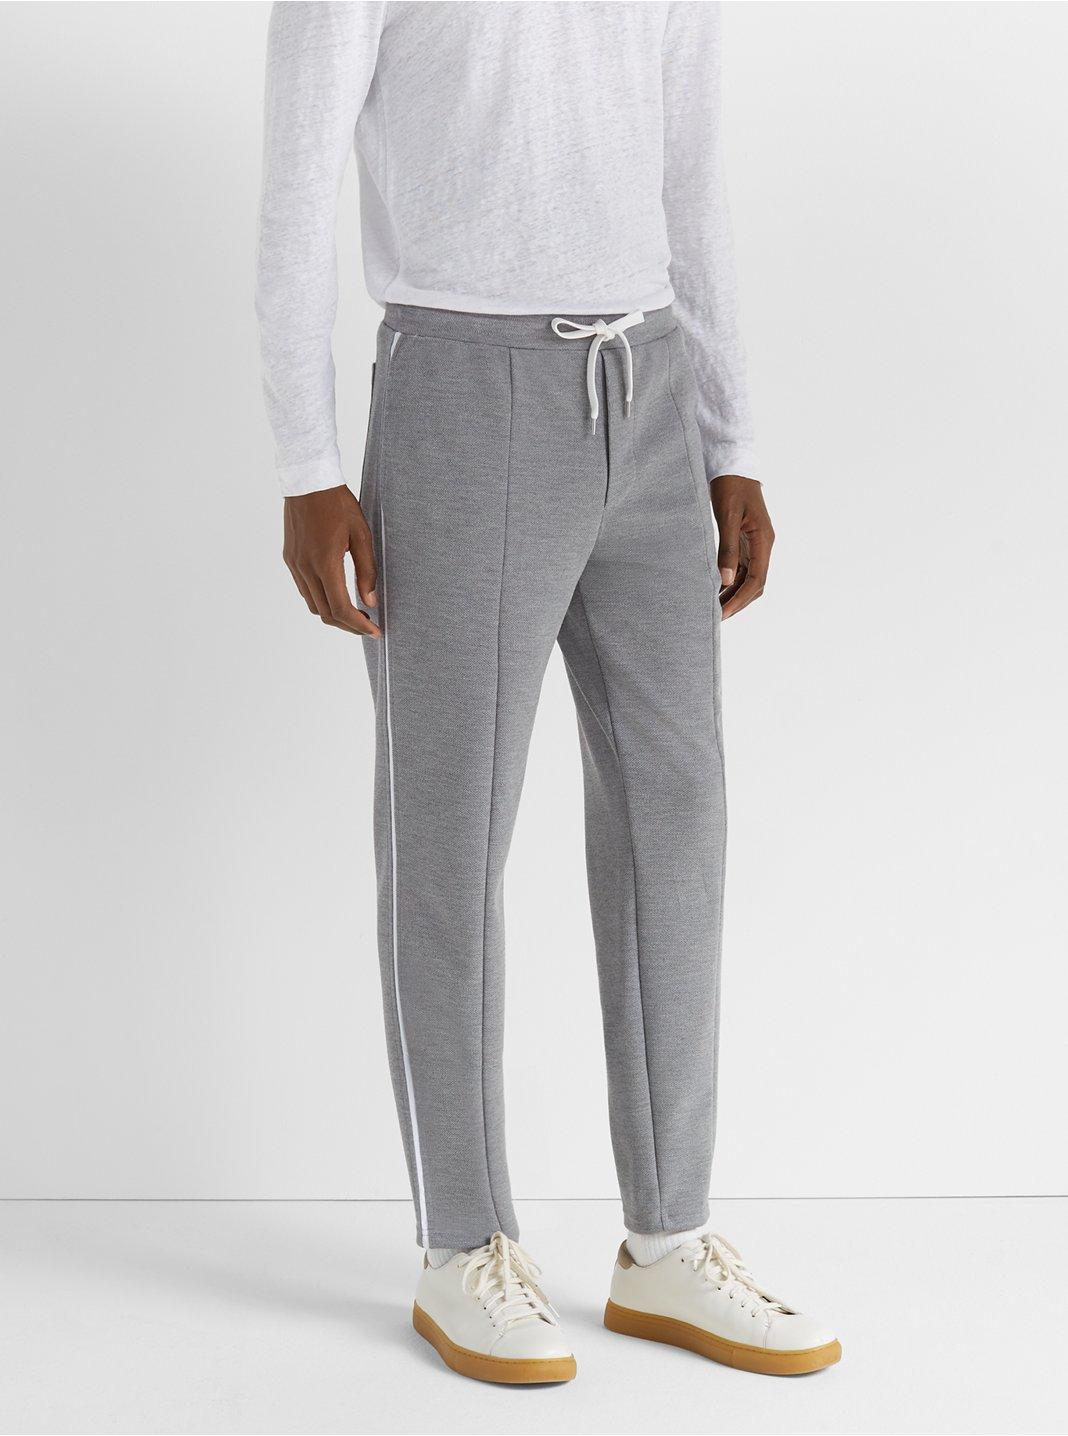 Pique Sweatpants